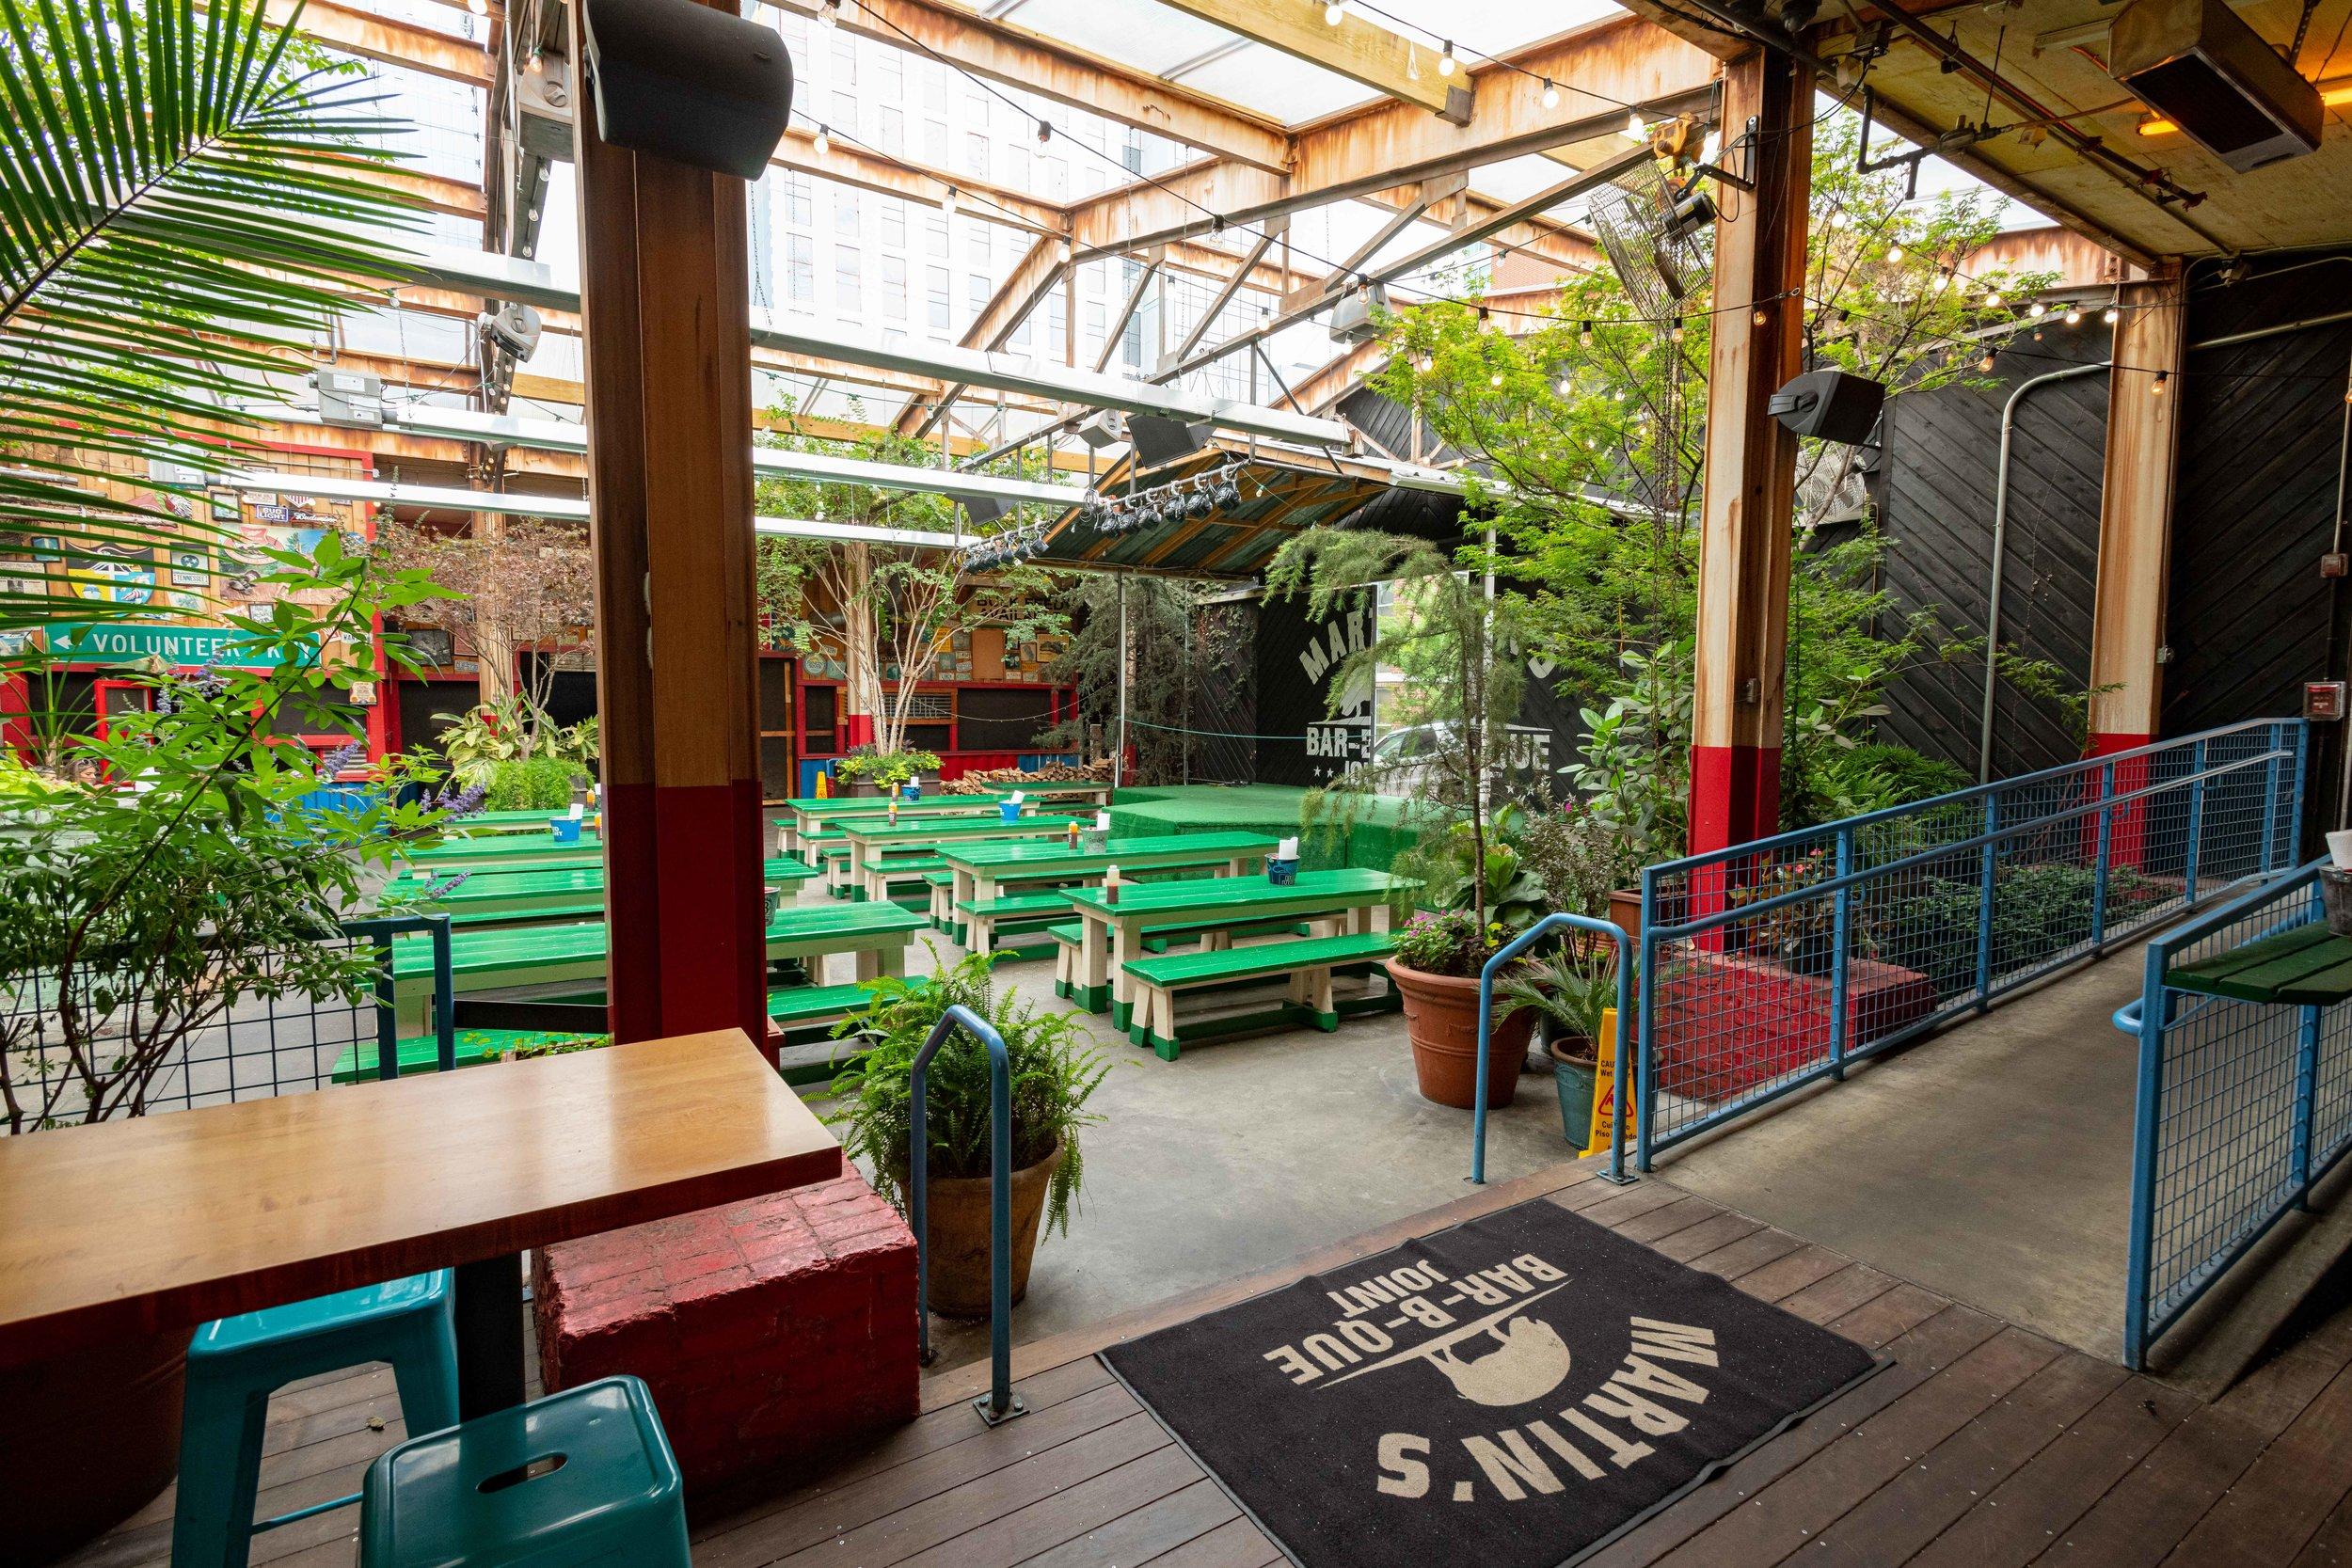 Nashville Beer Garden